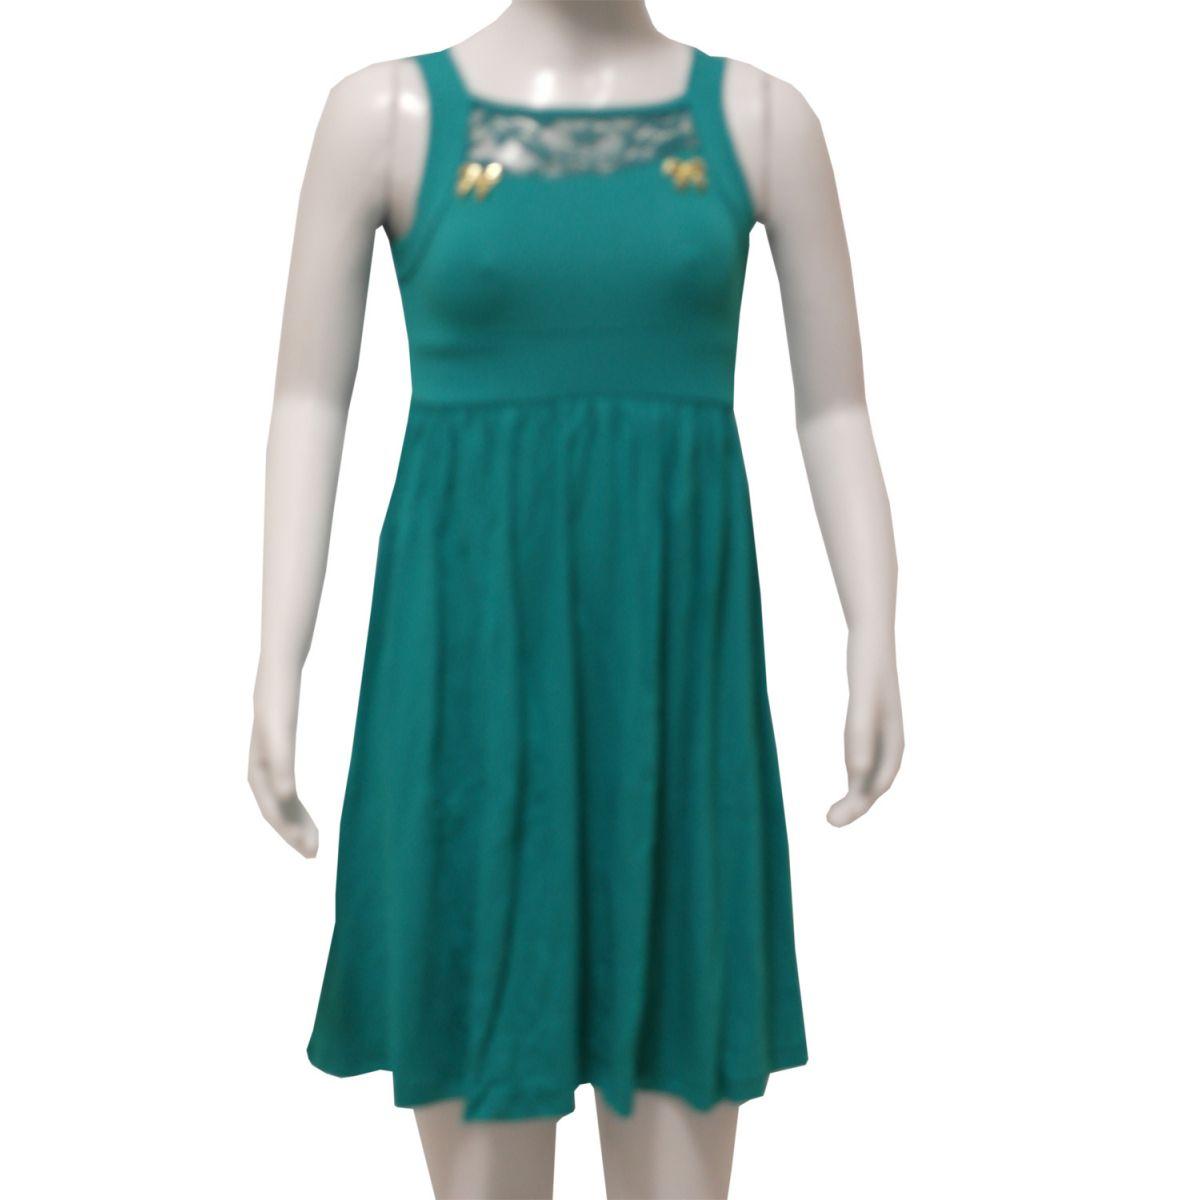 Vestido Juvenil Liso Fem. - 767